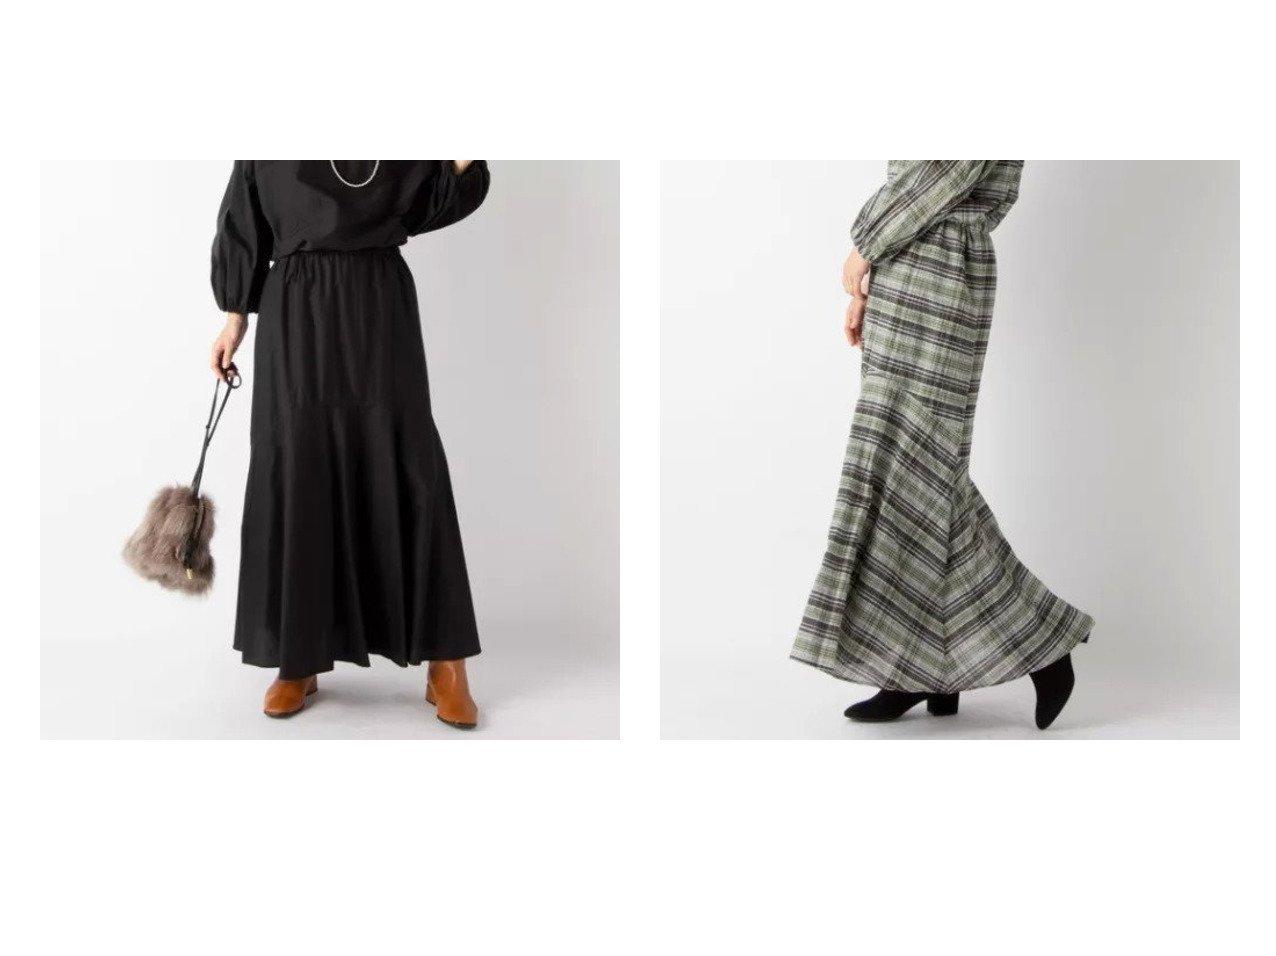 【NOLLEY'S/ノーリーズ】のチェックマーメイドマキシスカート&綿ナイロンマーメイドマキシスカート 【スカート】おすすめ!人気、トレンド・レディースファッションの通販 おすすめで人気の流行・トレンド、ファッションの通販商品 インテリア・家具・メンズファッション・キッズファッション・レディースファッション・服の通販 founy(ファニー) https://founy.com/ ファッション Fashion レディースファッション WOMEN スカート Skirt 2021年 2021 2021-2022秋冬・A/W AW・Autumn/Winter・FW・Fall-Winter・2021-2022 A/W・秋冬 AW・Autumn/Winter・FW・Fall-Winter ドローコード マキシ マーメイド ロング チェック 秋 Autumn/Fall |ID:crp329100000065068